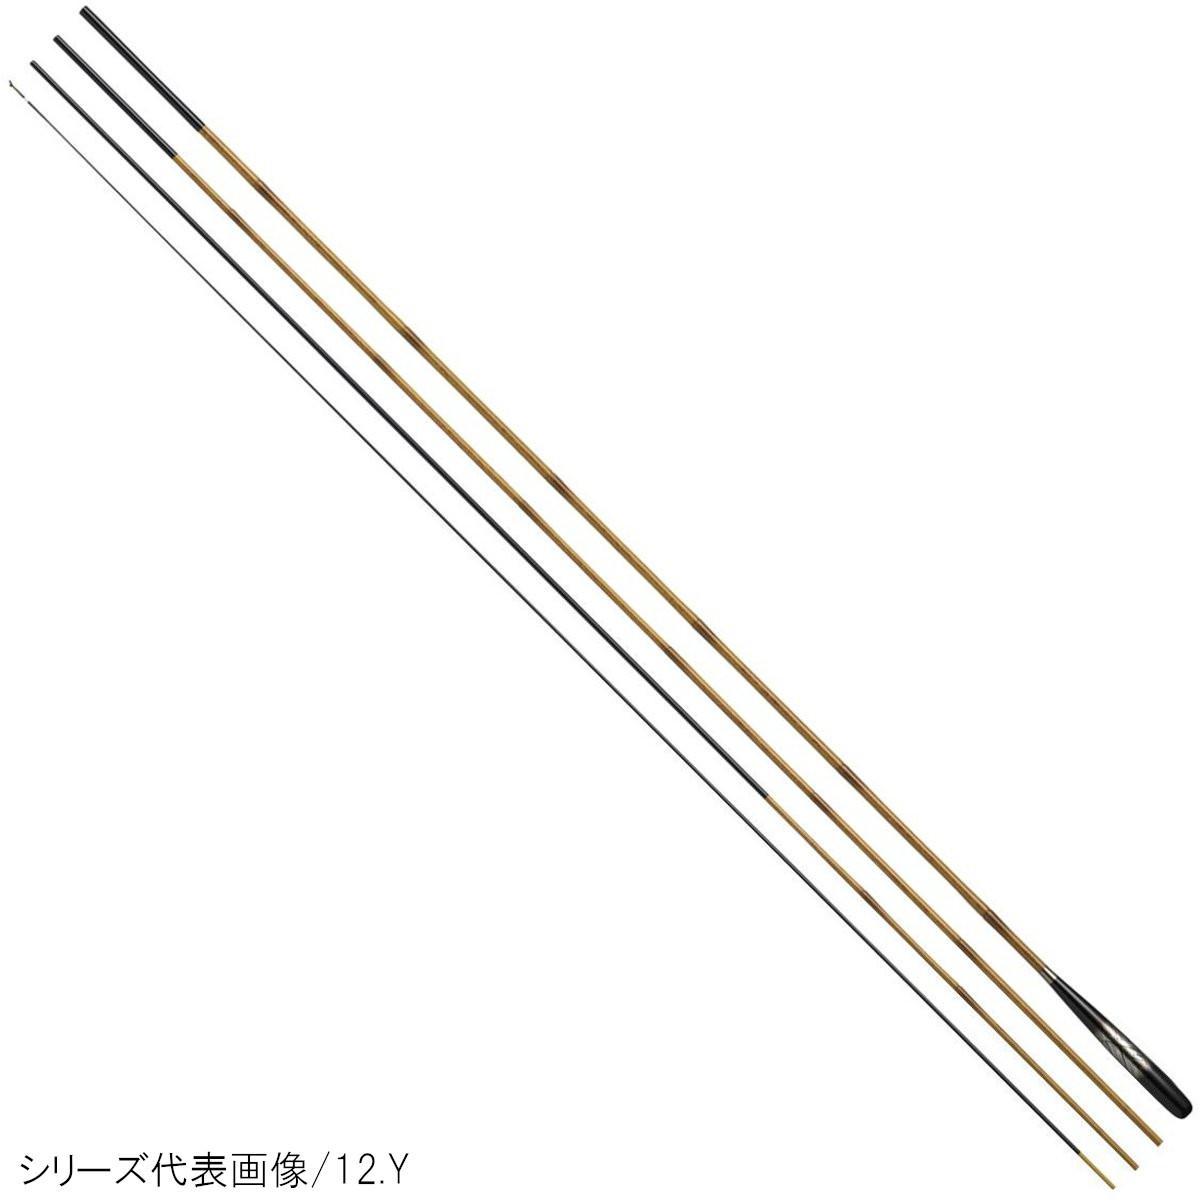 【5/10最大P45倍!】ダイワ 玄むく 15・Y(東日本店)